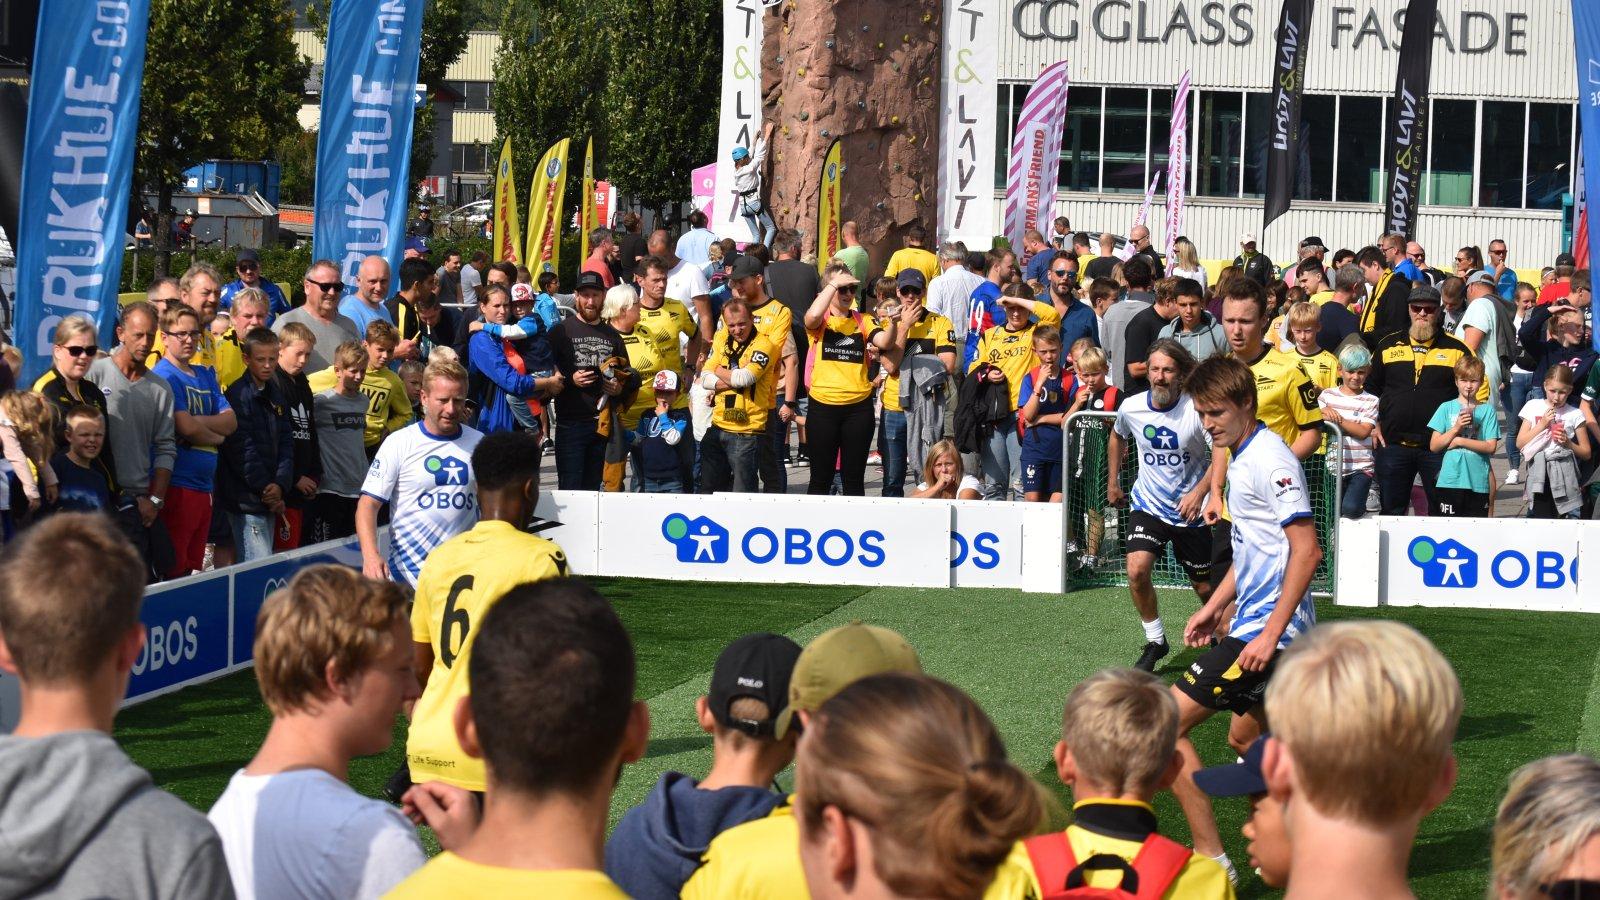 Showkamp mellom Starts gatelag og de tre Start-heltene Mykland, Strømstad og Stokkelien! Foto: Fredrik Fjellvang